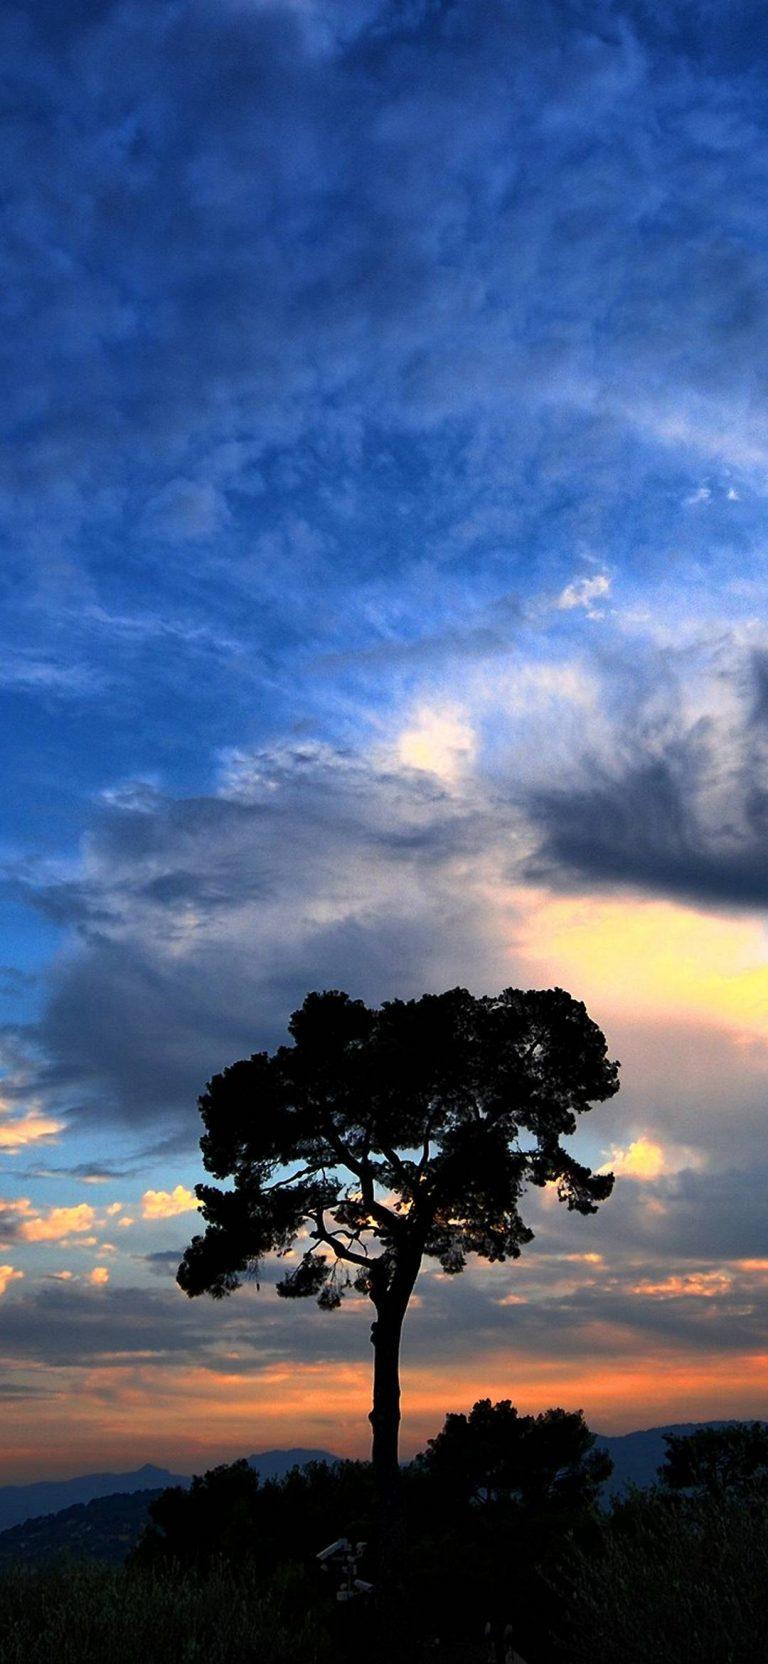 Dramatic Sky 1080x2340 768x1664